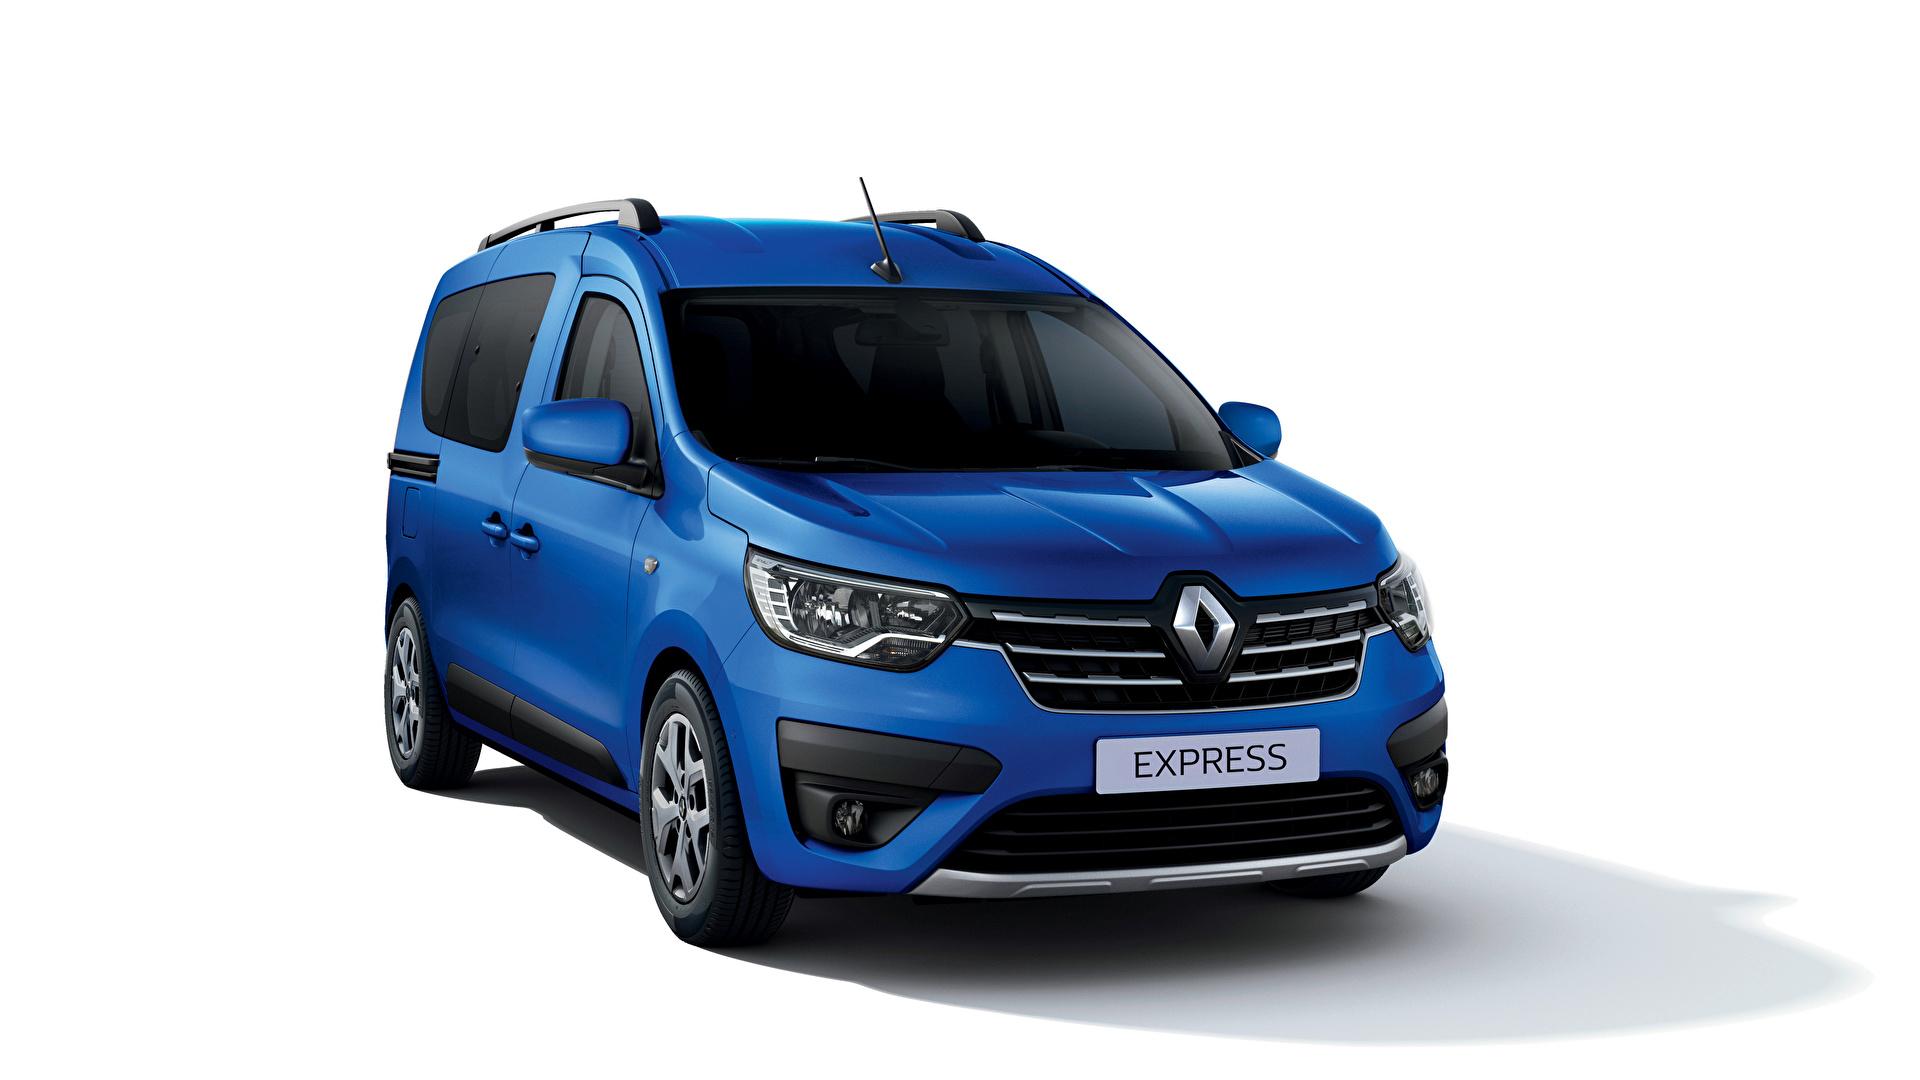 Фотографии Renault Express, 2021 Минивэн Синий машина Металлик белым фоном 1920x1080 Рено синяя синие синих авто машины Автомобили автомобиль Белый фон белом фоне